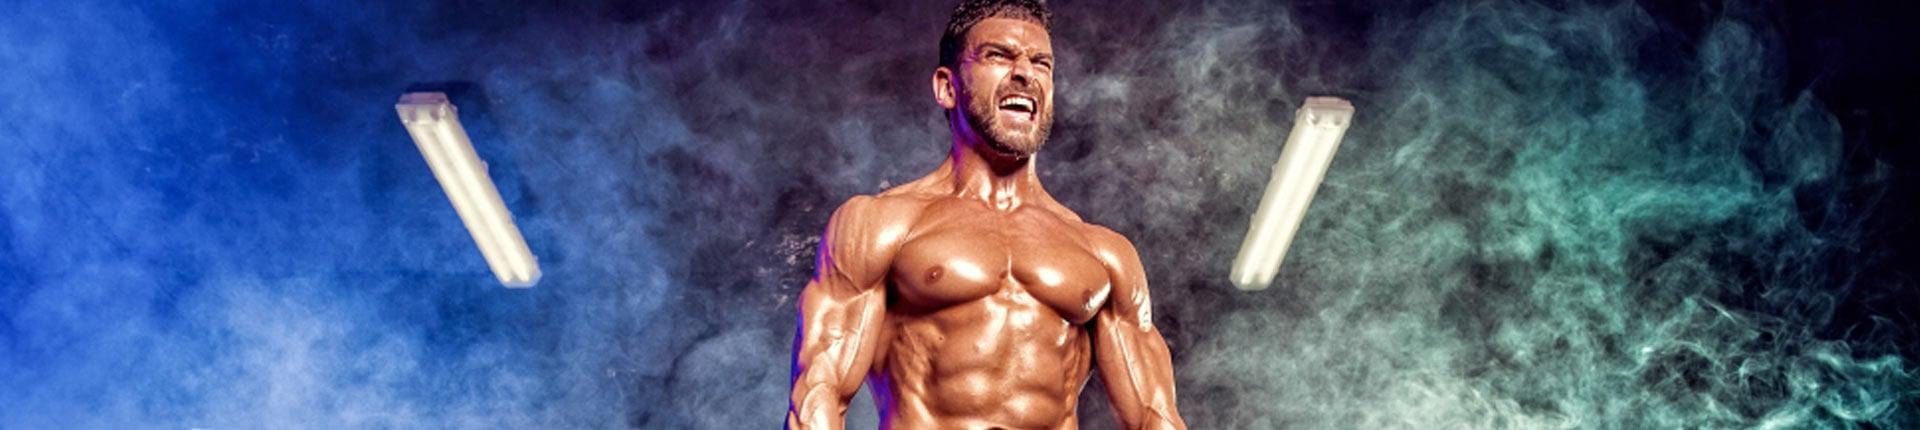 """Pompa i """"zakwasy"""" mają znaczenie dla wzrostu mięśni?"""